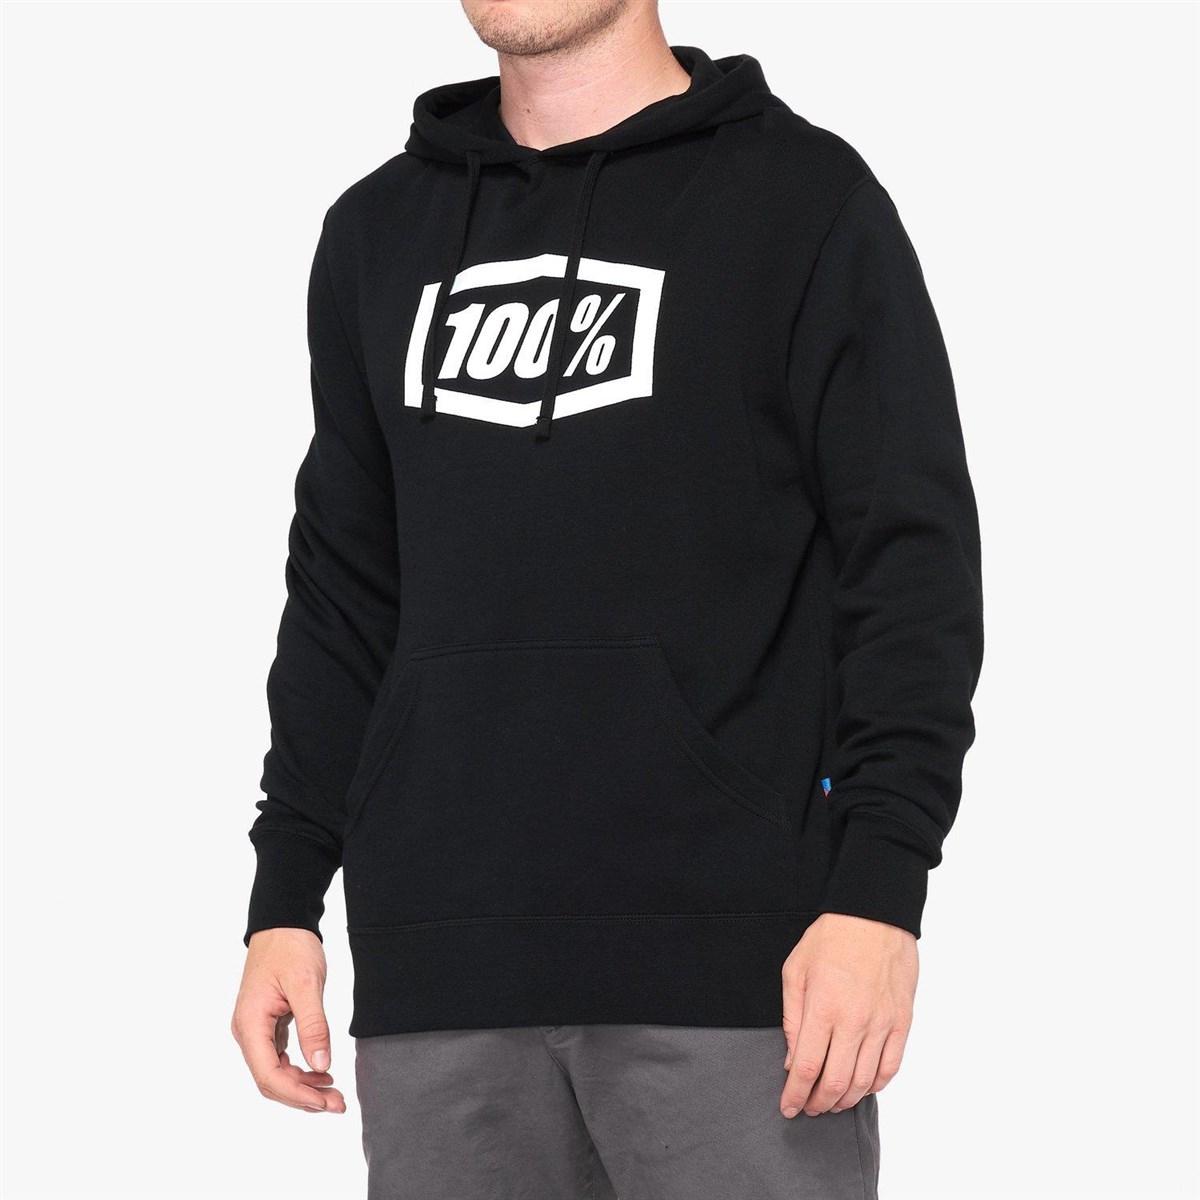 100% Essential Pullover Hoodie | Trøjer